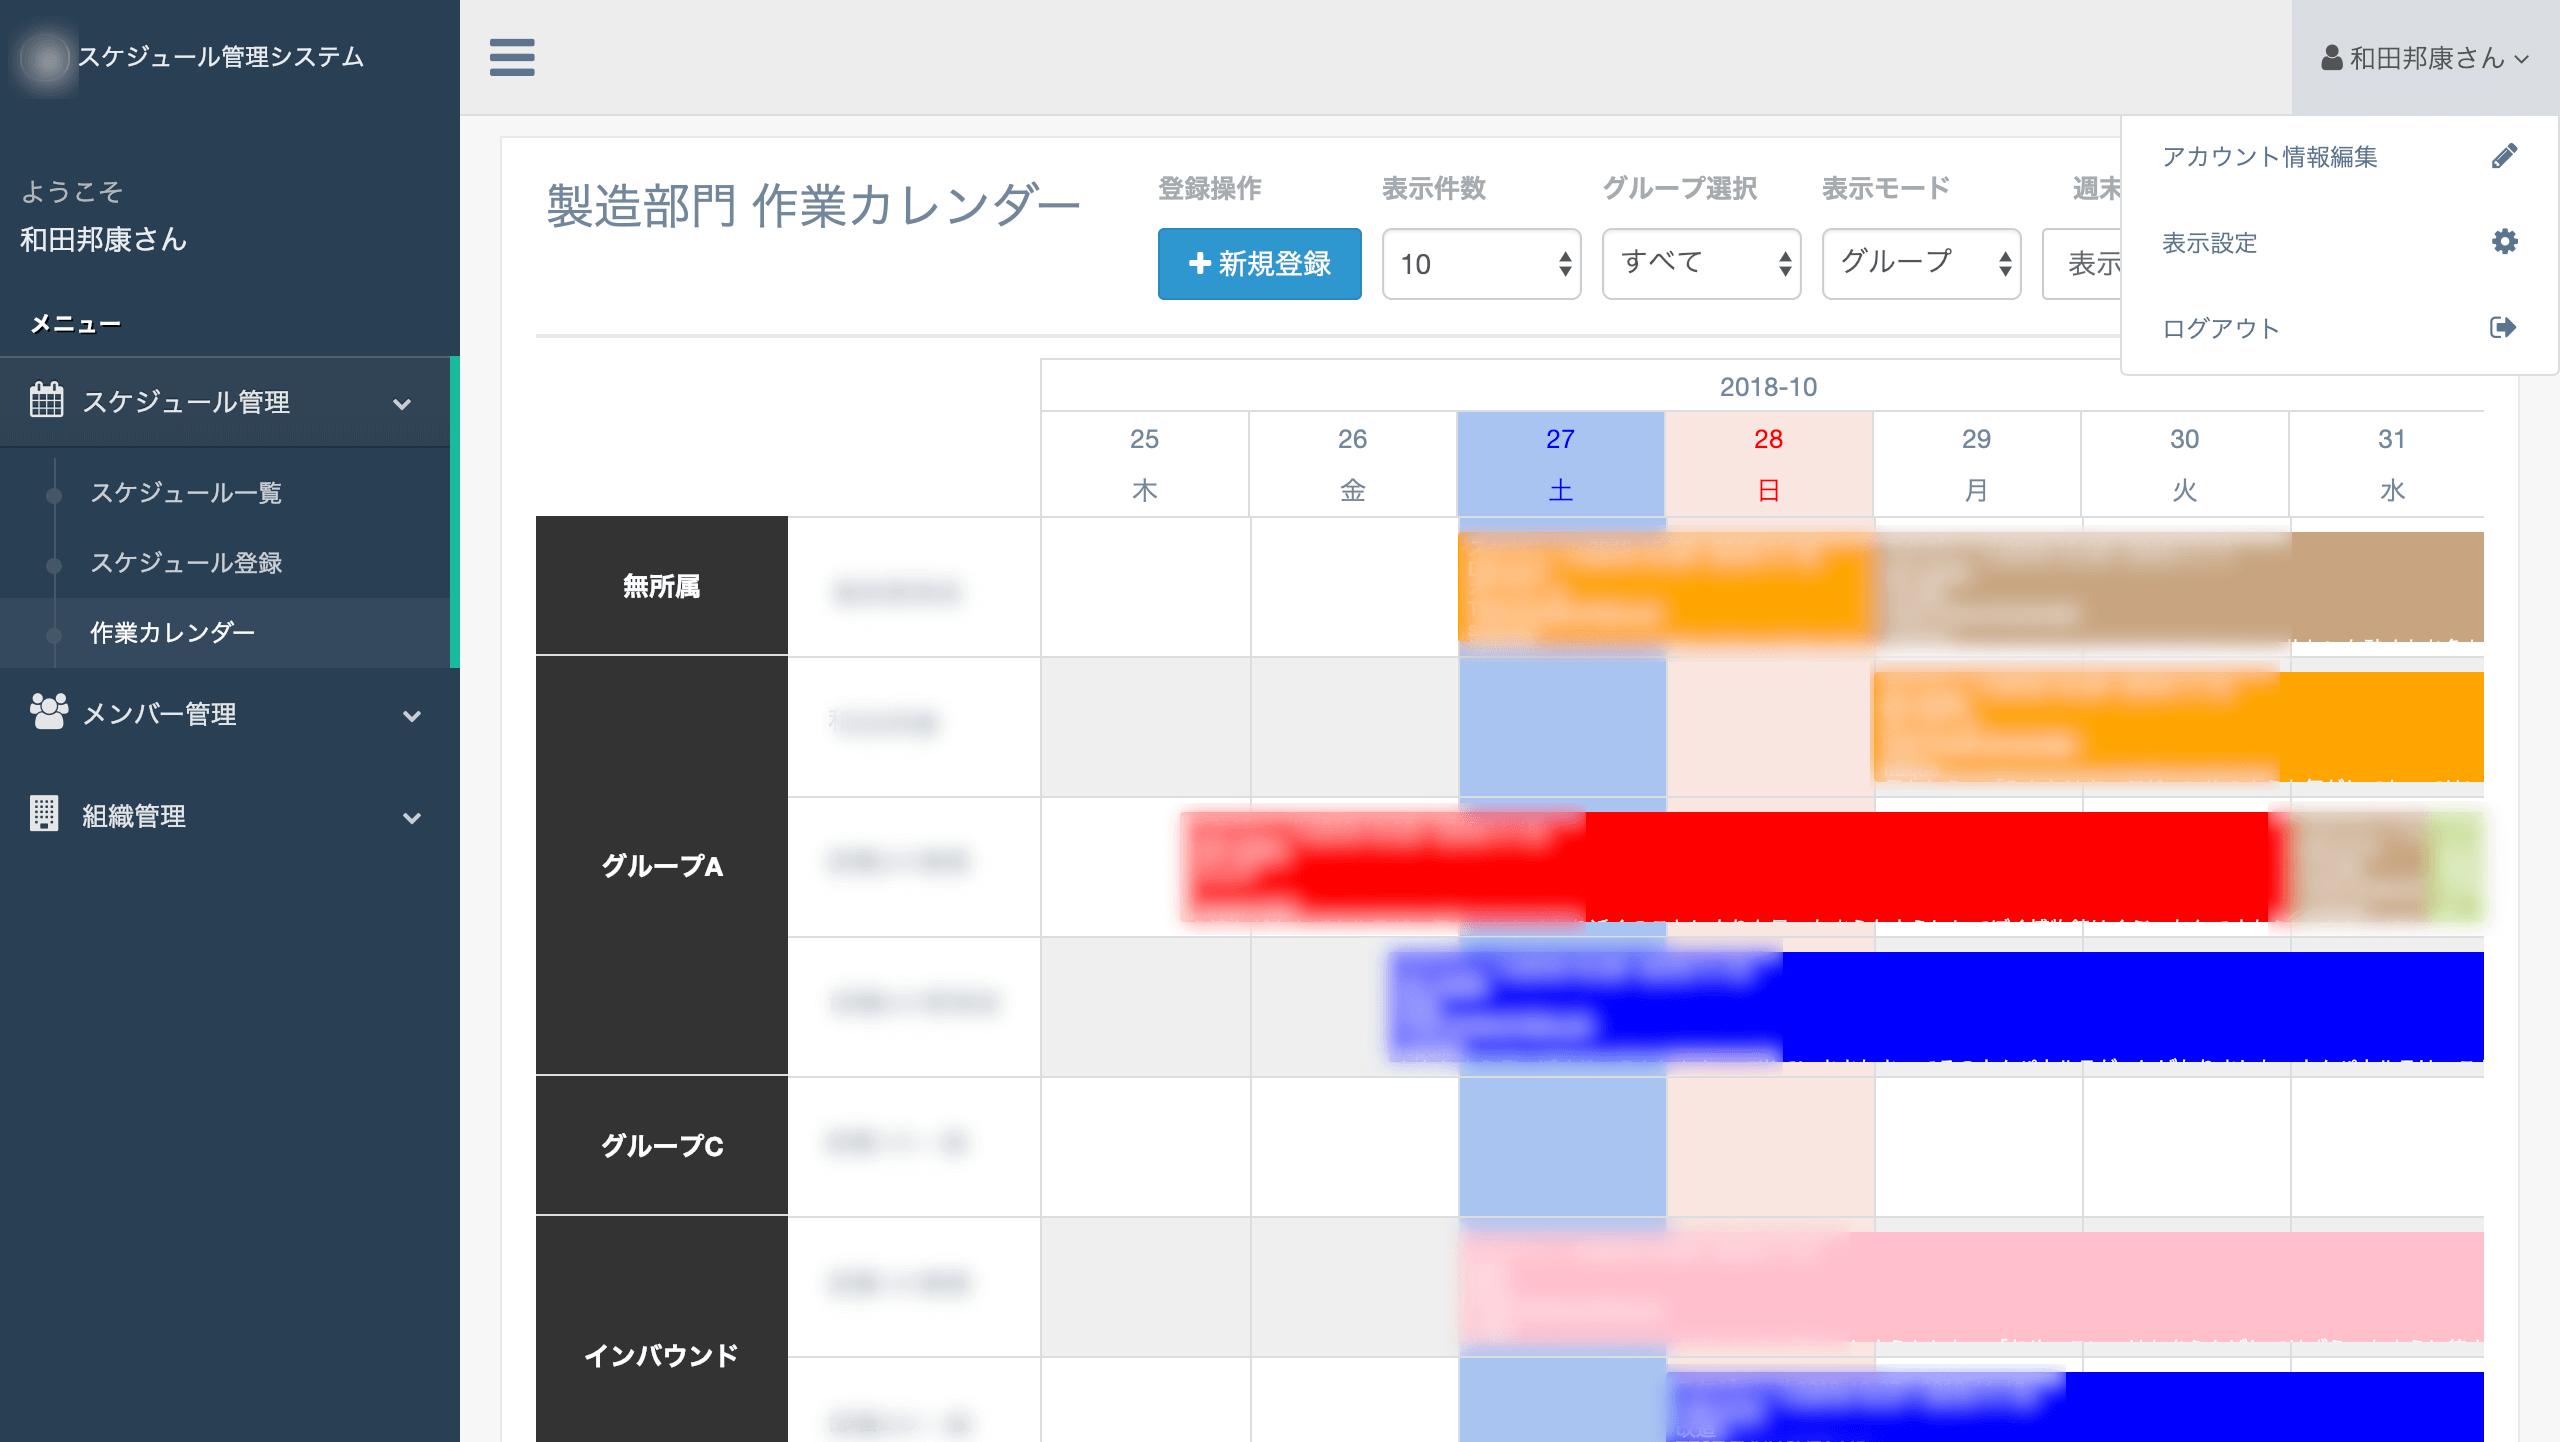 社員スケジュール・工程管理システム created by MikuniLabo